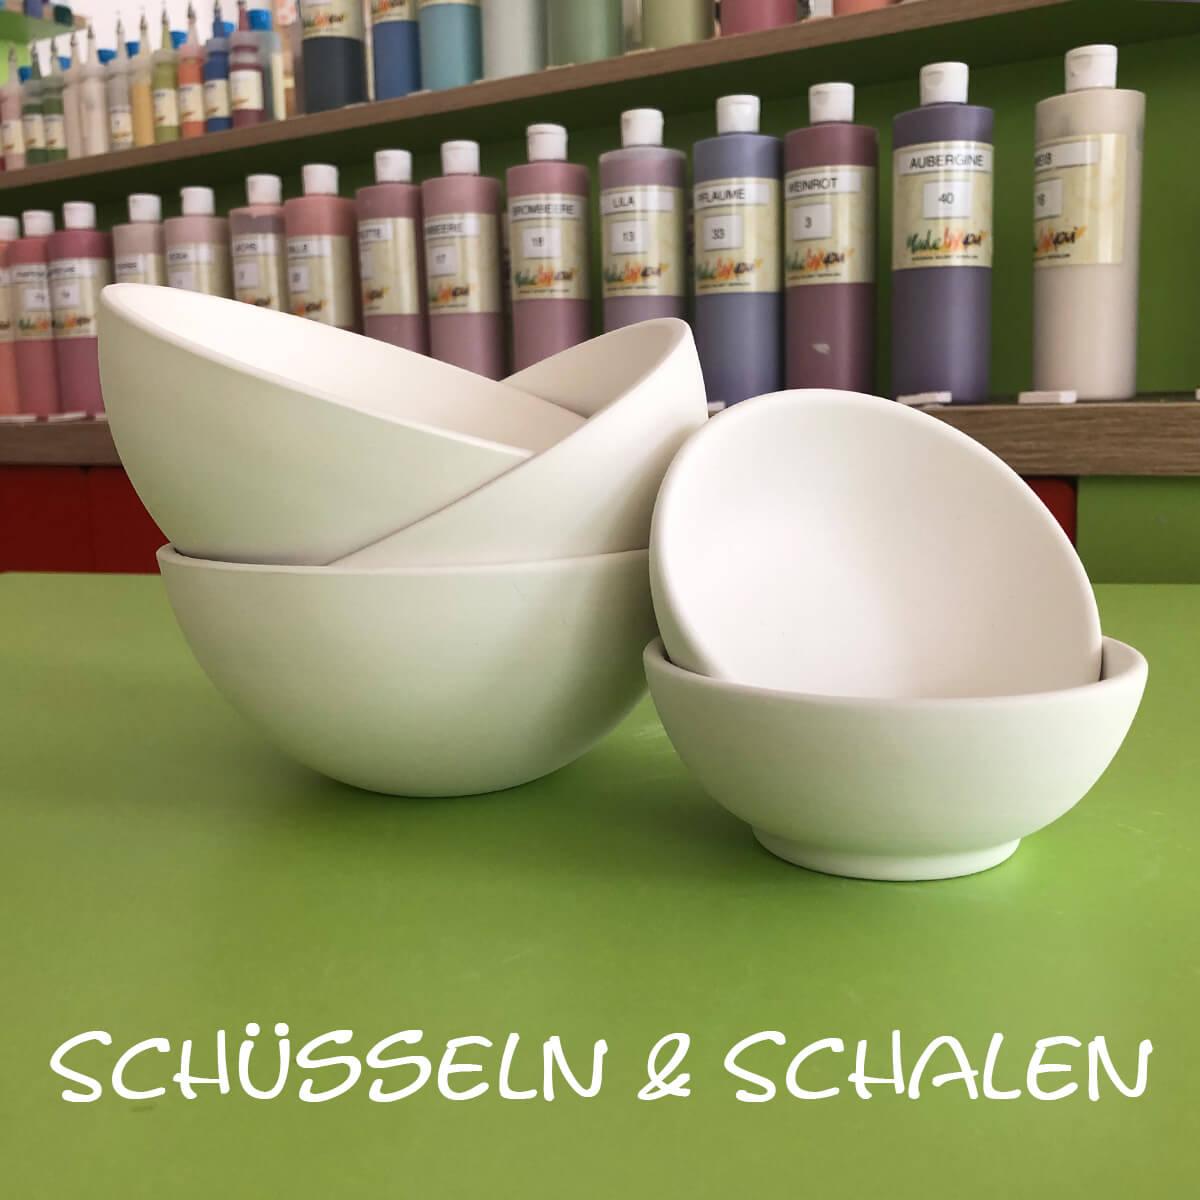 Keramik zum bemalen Schüsseln und Schalen